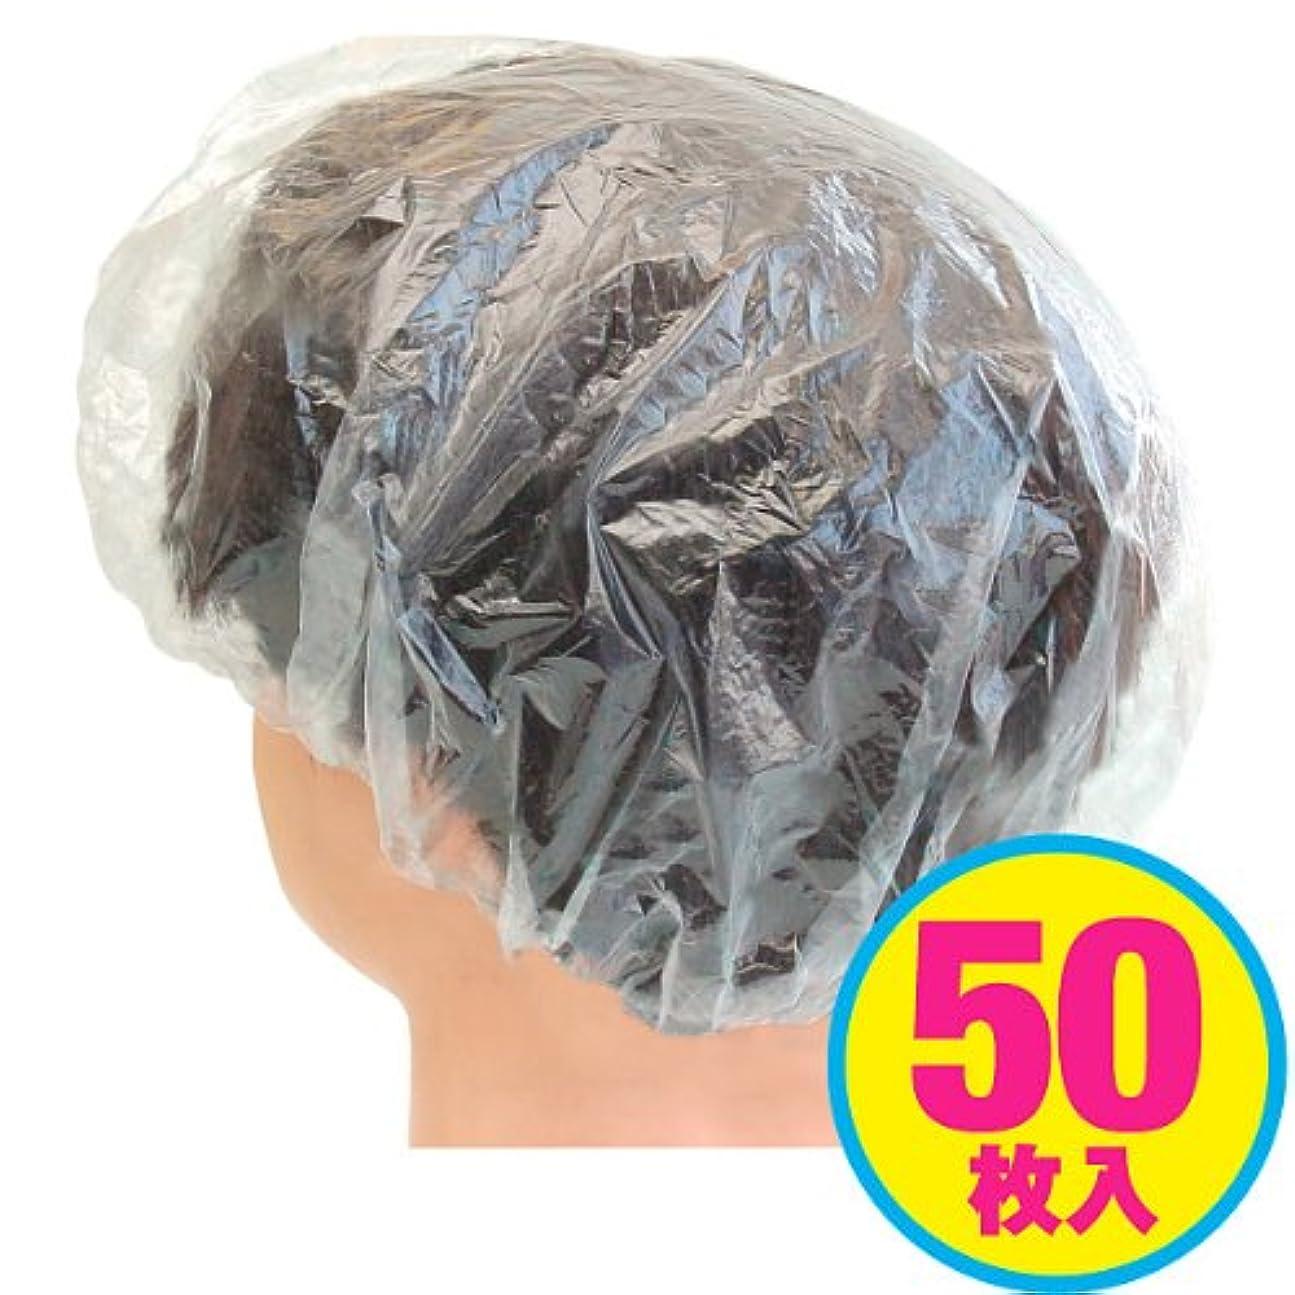 使い捨て【シャワーキャップ】業務用50枚入 ビニール製(個包装なので旅行用や、髪染めの際にも)